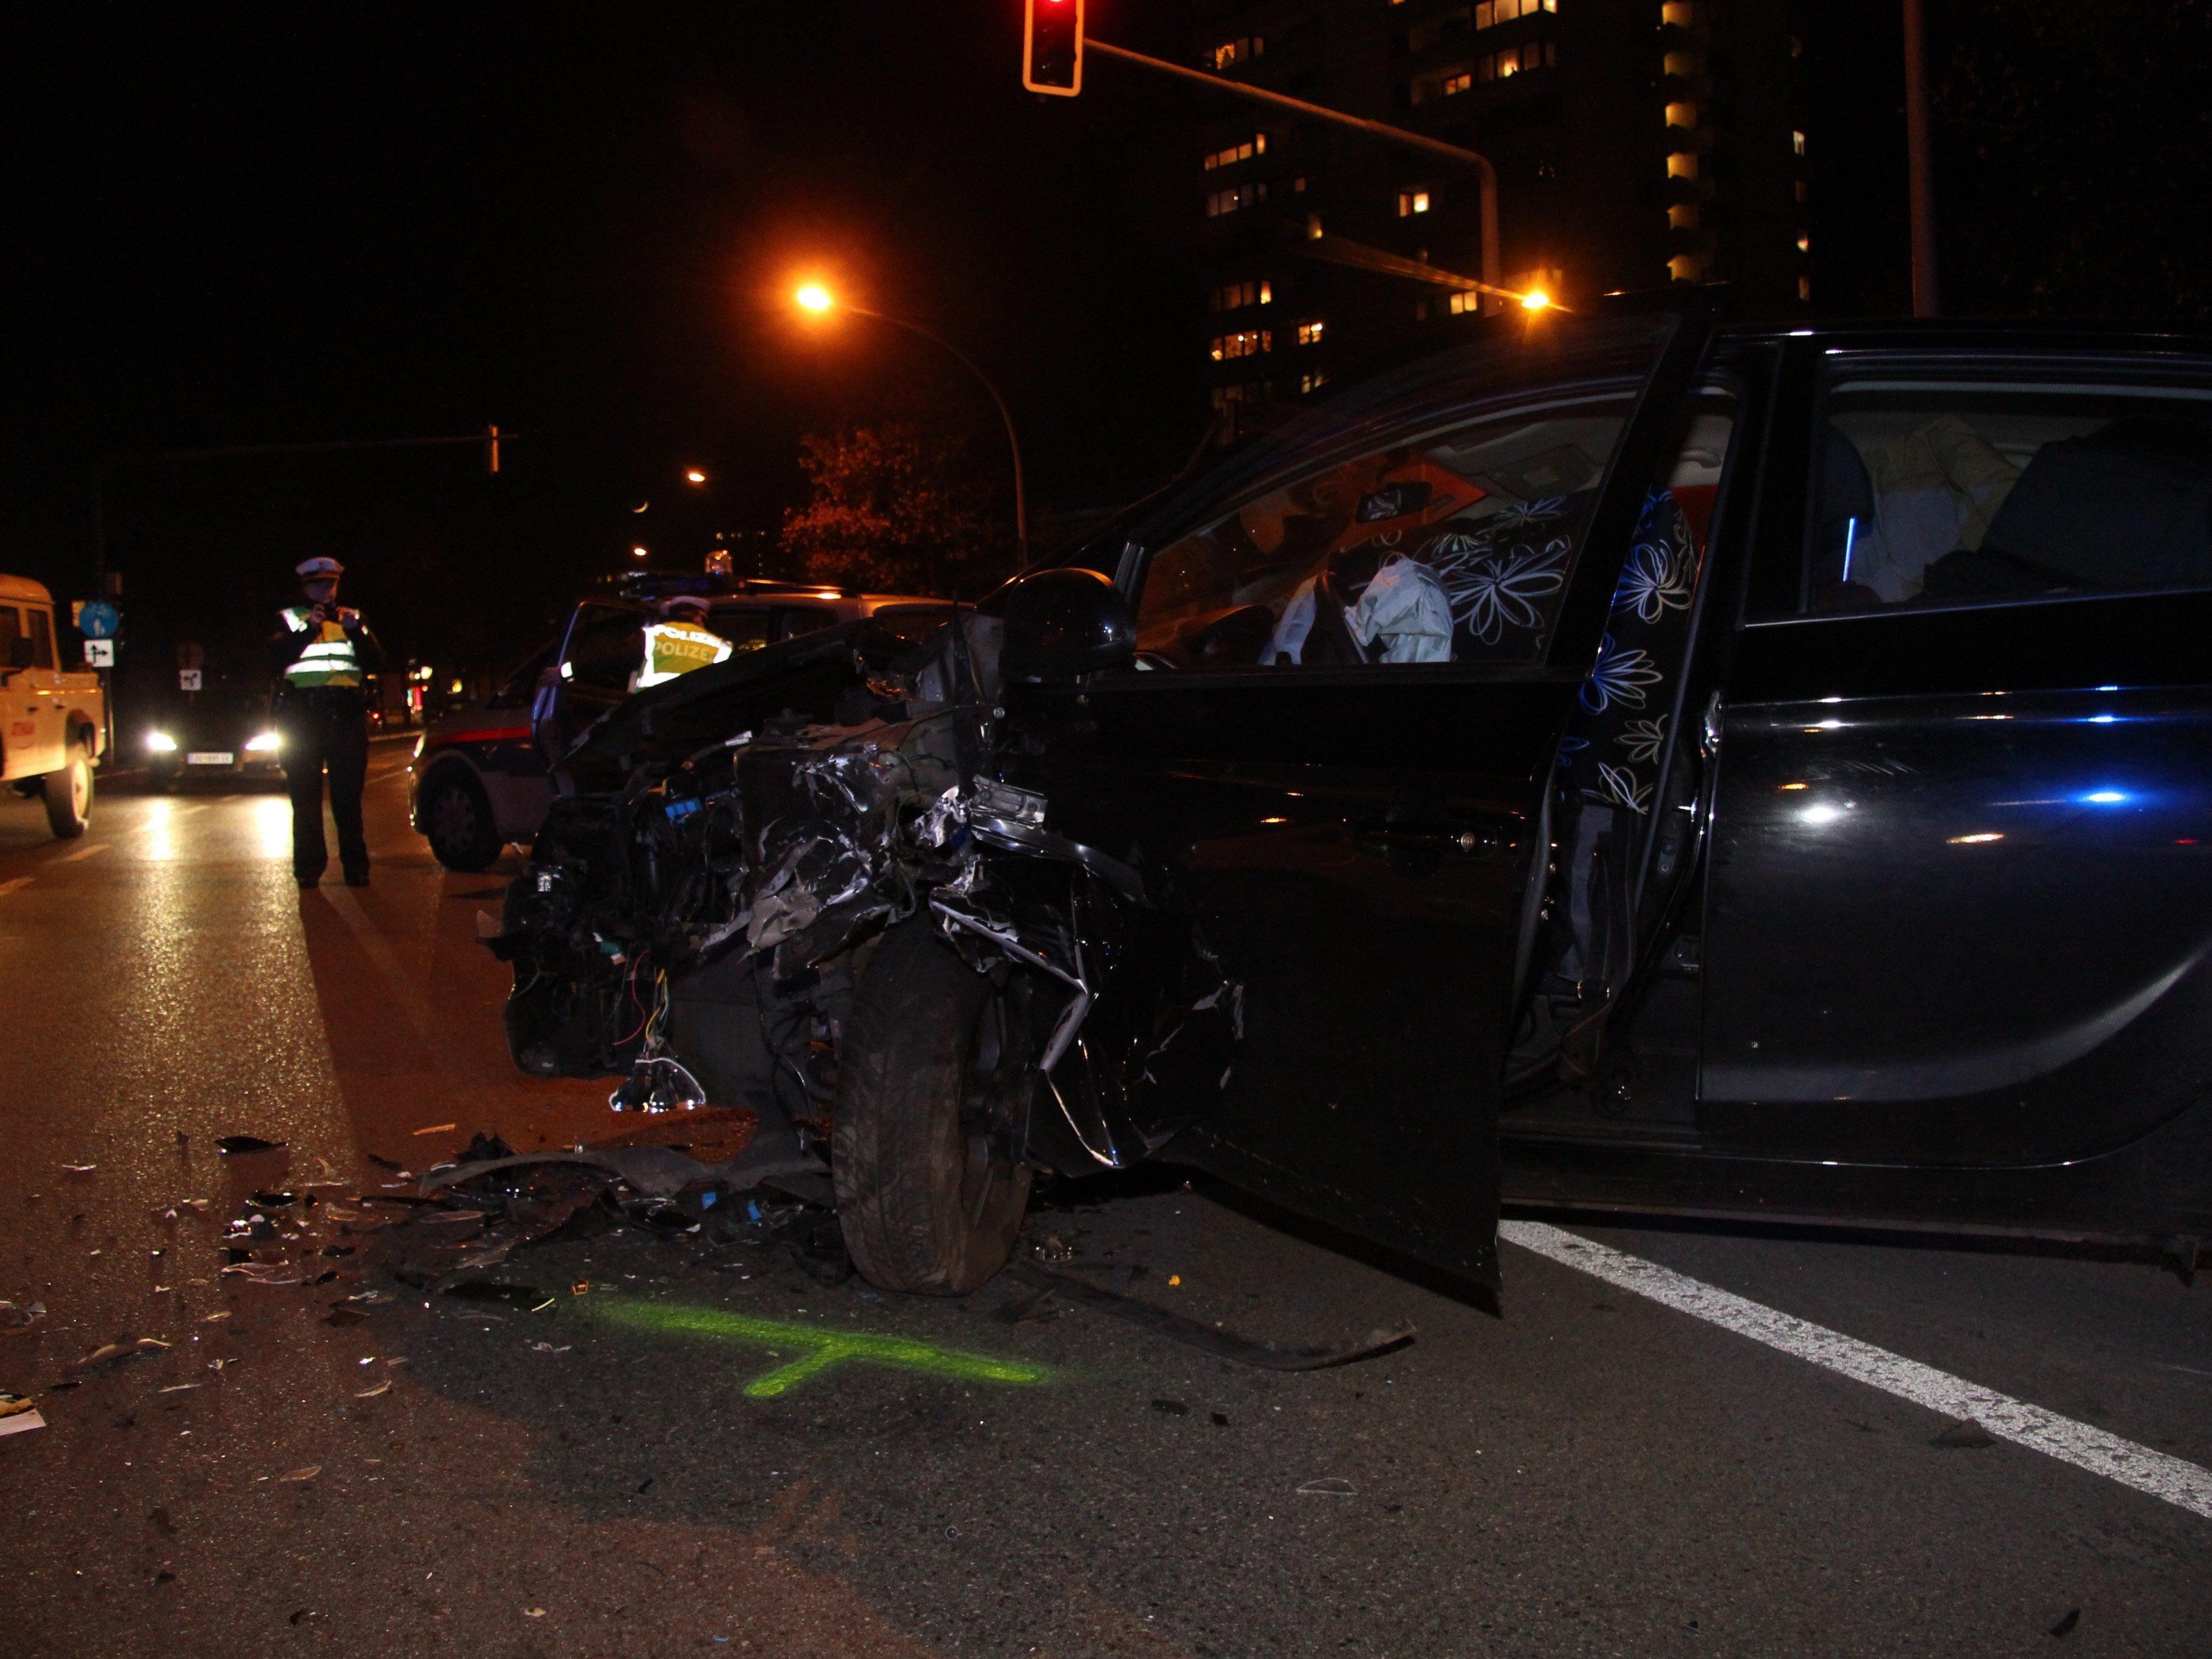 Eine Vollbremsung führte zu dem Unfall in Bregenz.